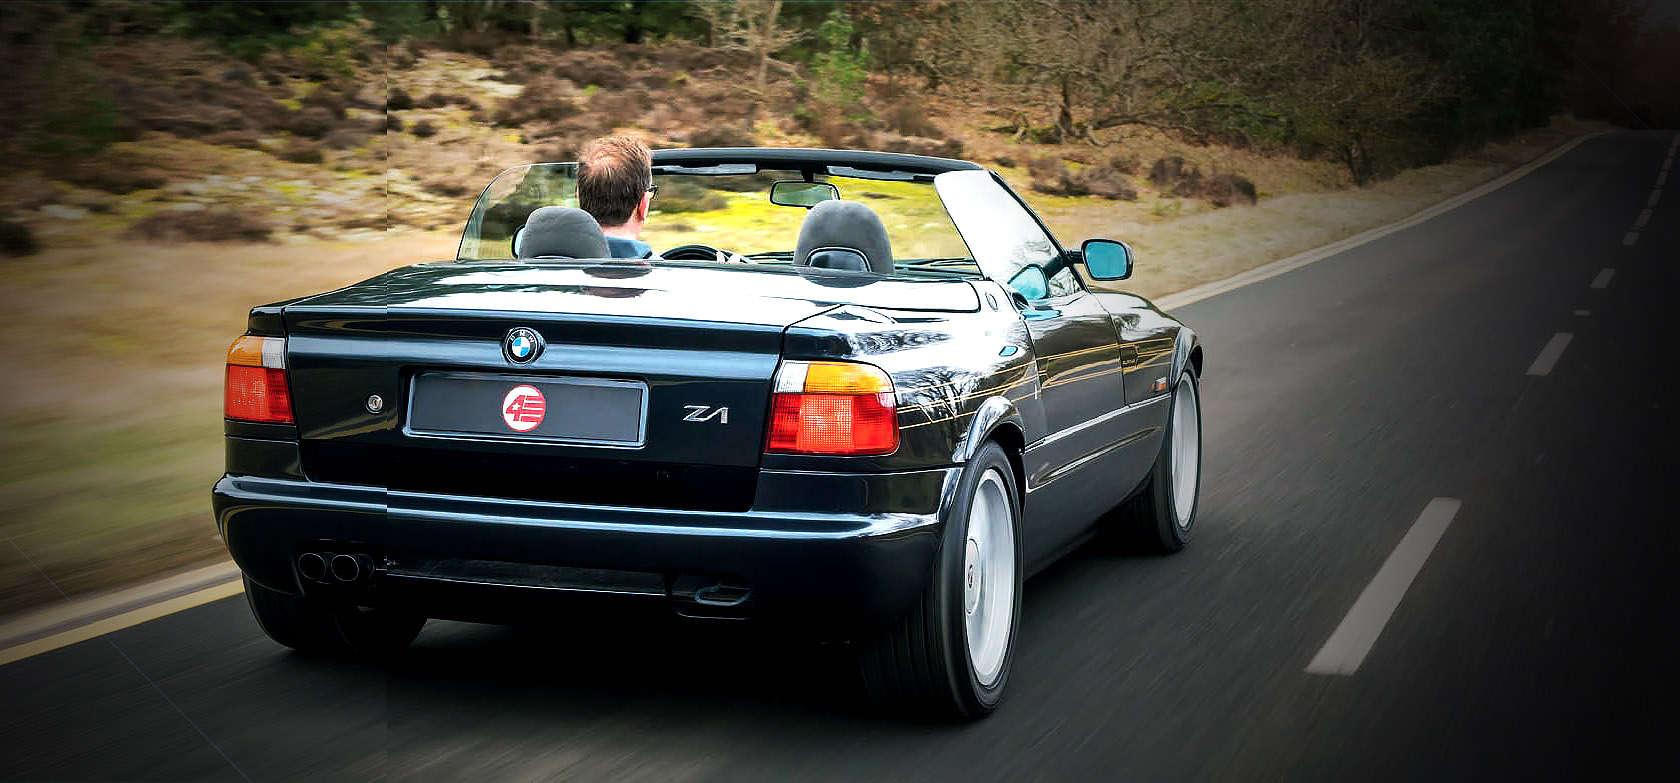 BMW Z1 Alpina RLE